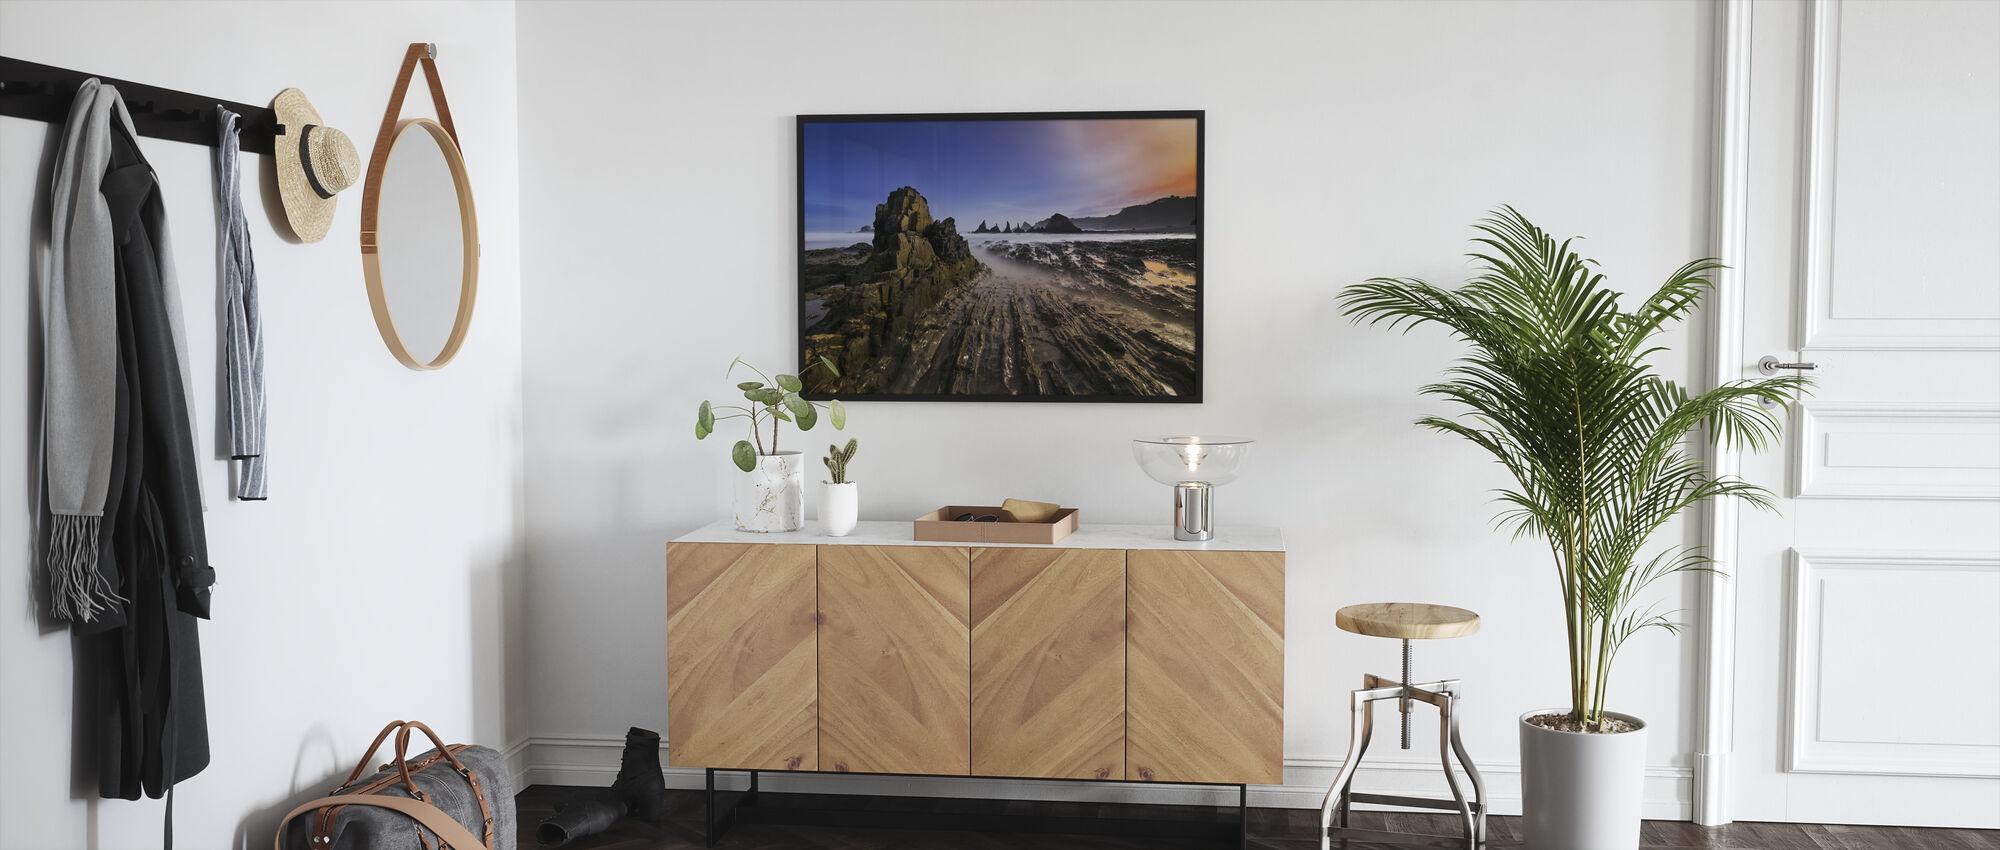 Kallioita - Kehystetty kuva - Aula